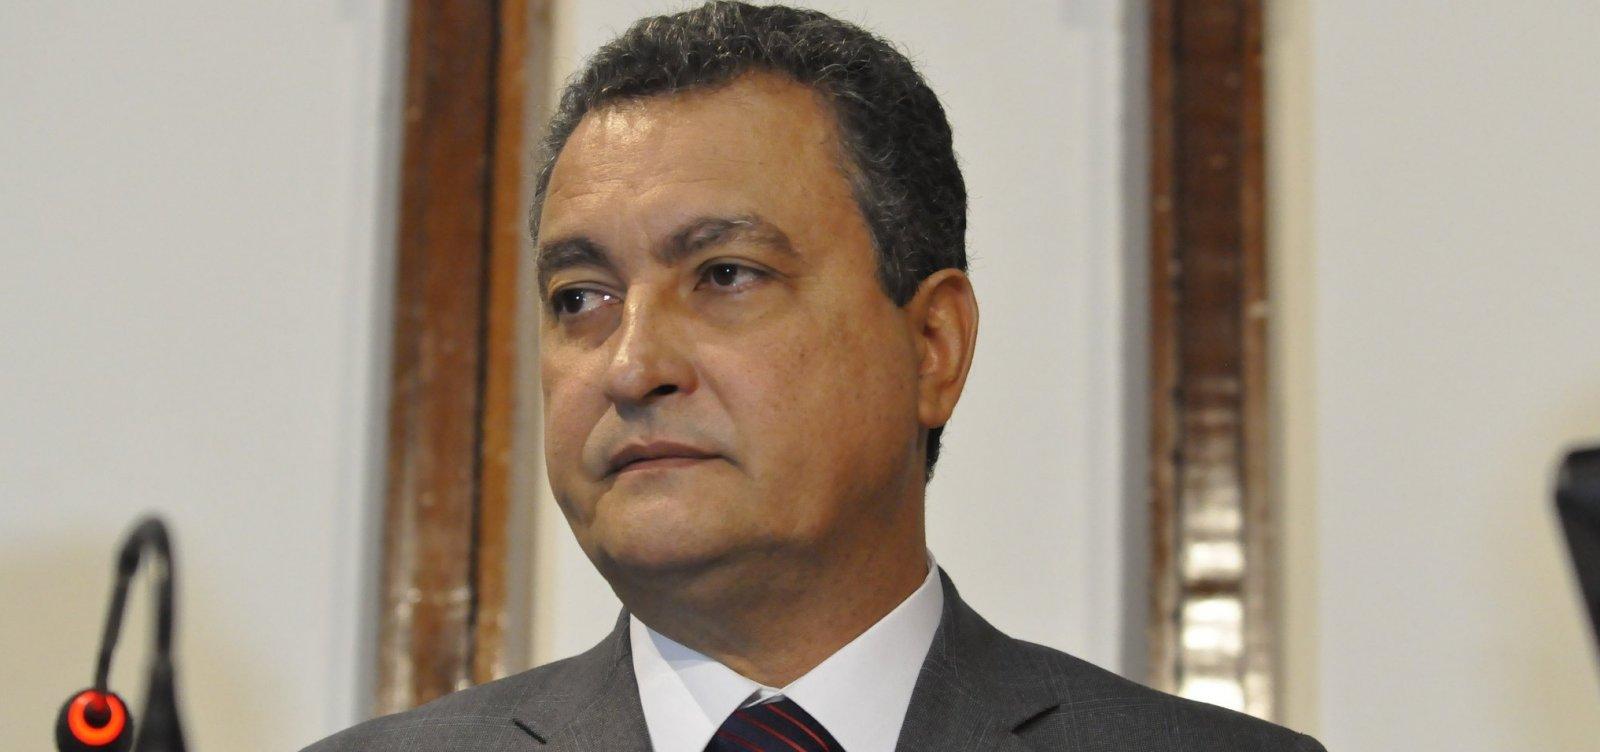 [Rui chama Bolsonaro de 'frouxo, covarde e despreparado' ao falar sobre ausência em debate]